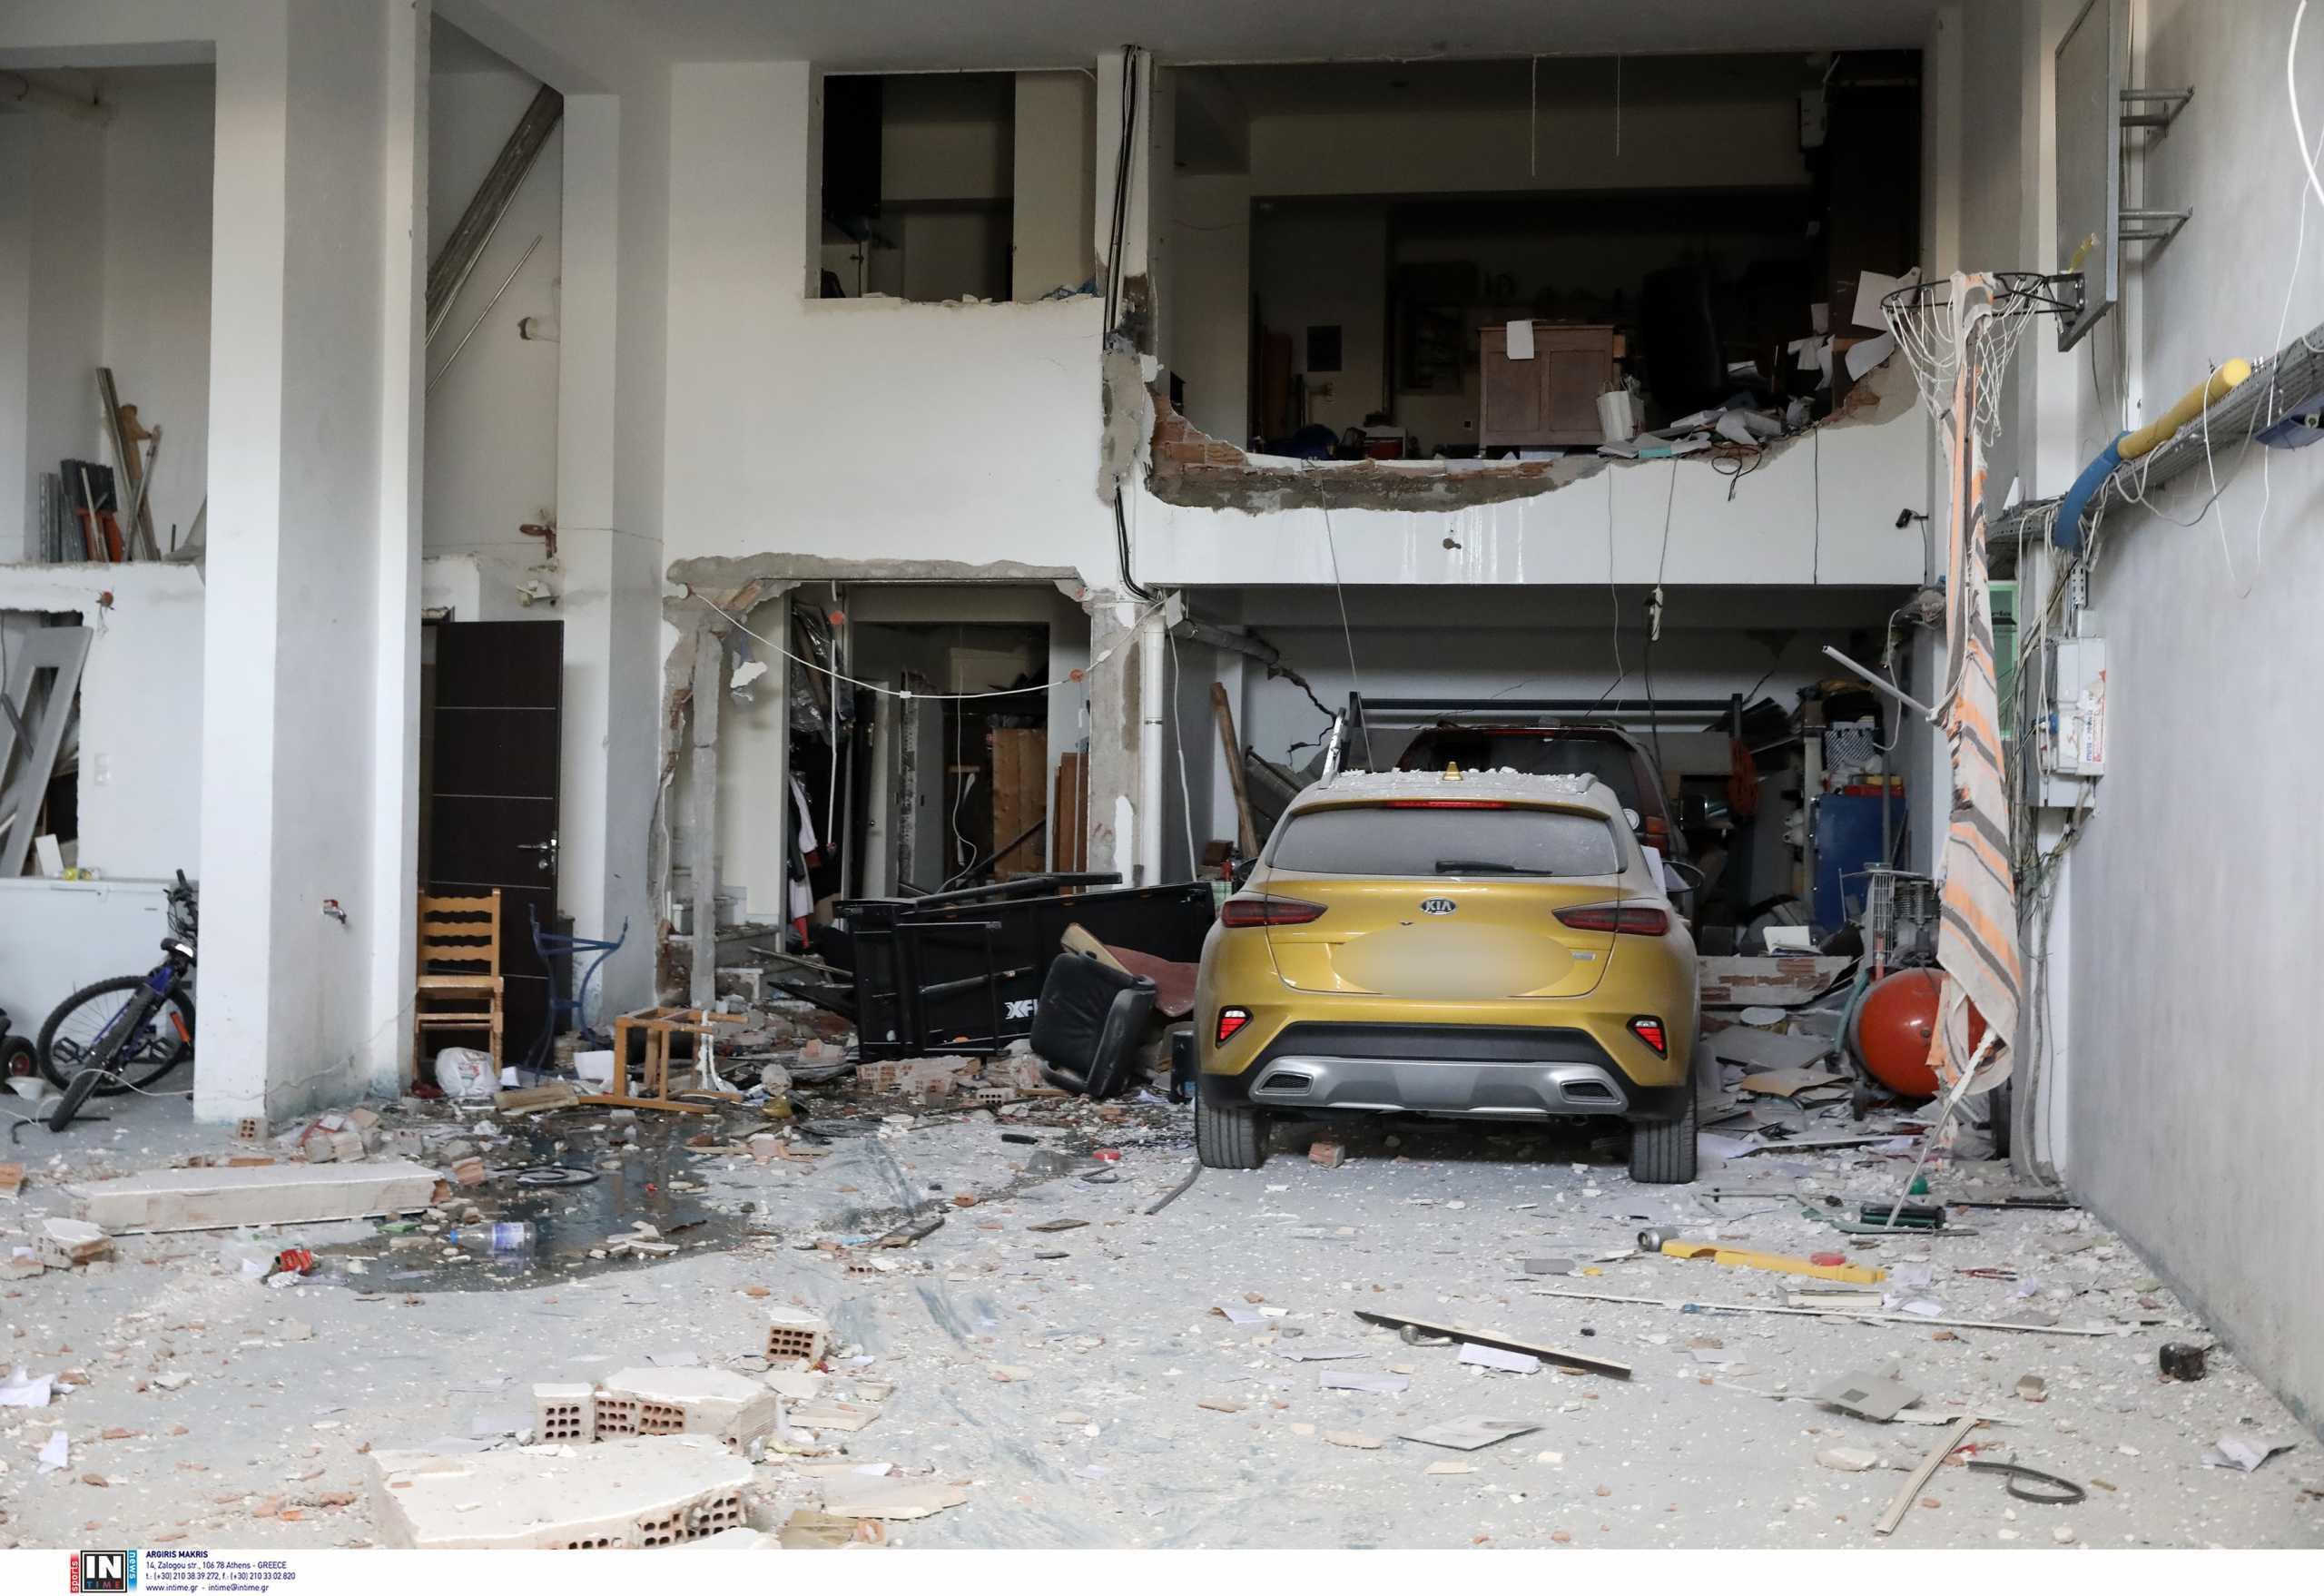 Έκρηξη στα Καλύβια: Με σοβαρά εγκαύματα στο νοσοκομείο δύο τραυματίες